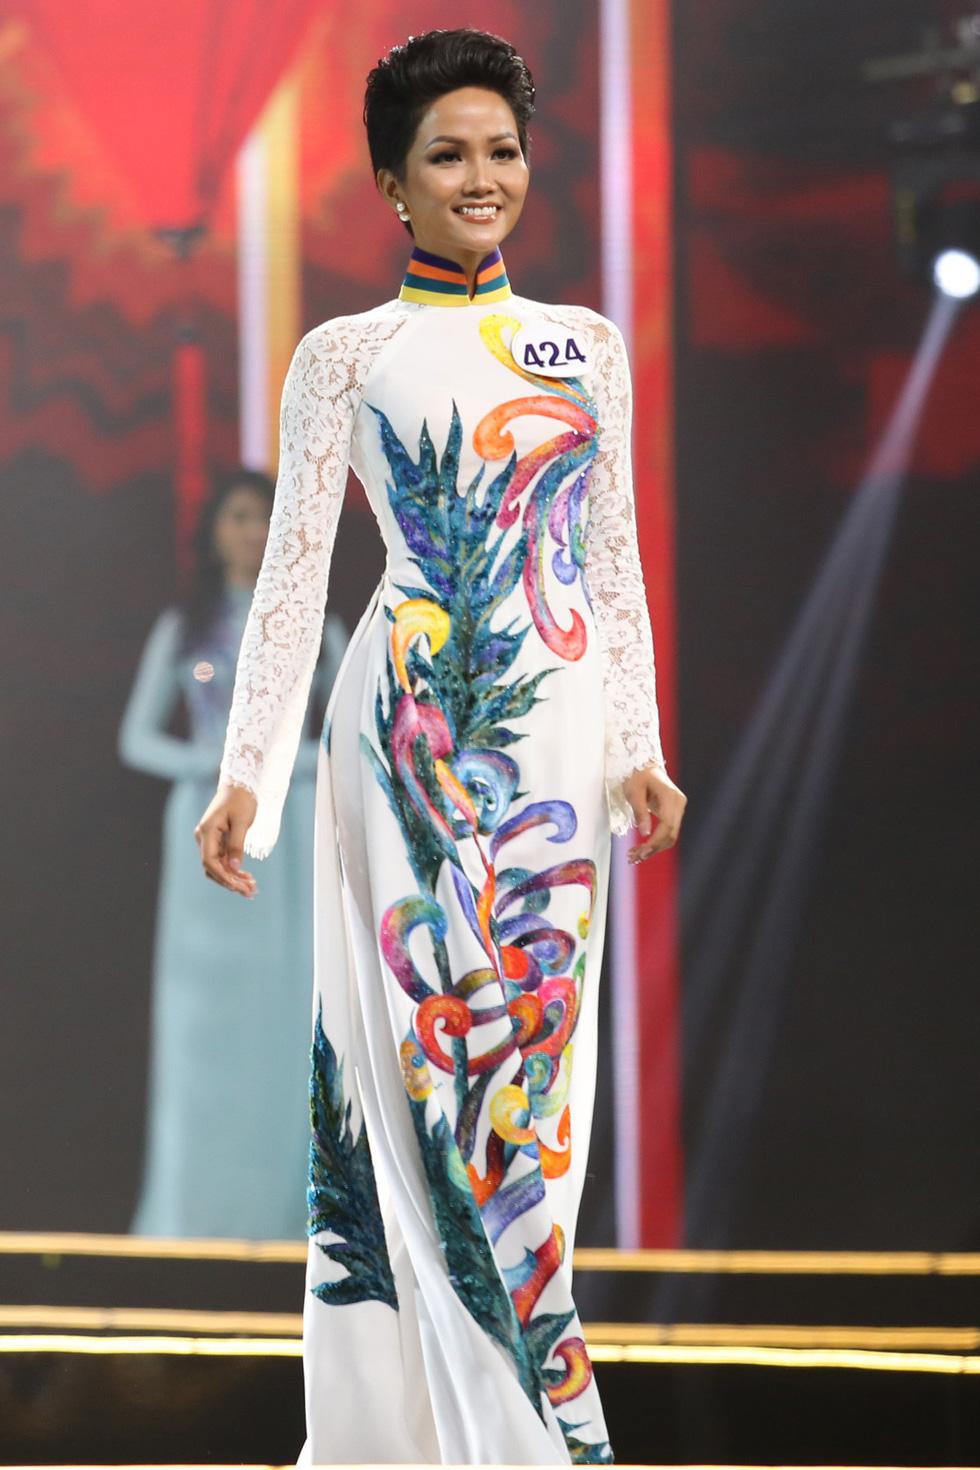 Ngắm nhan sắc tân hoa hậu HHen Niê qua các vòng thi - Ảnh 4.